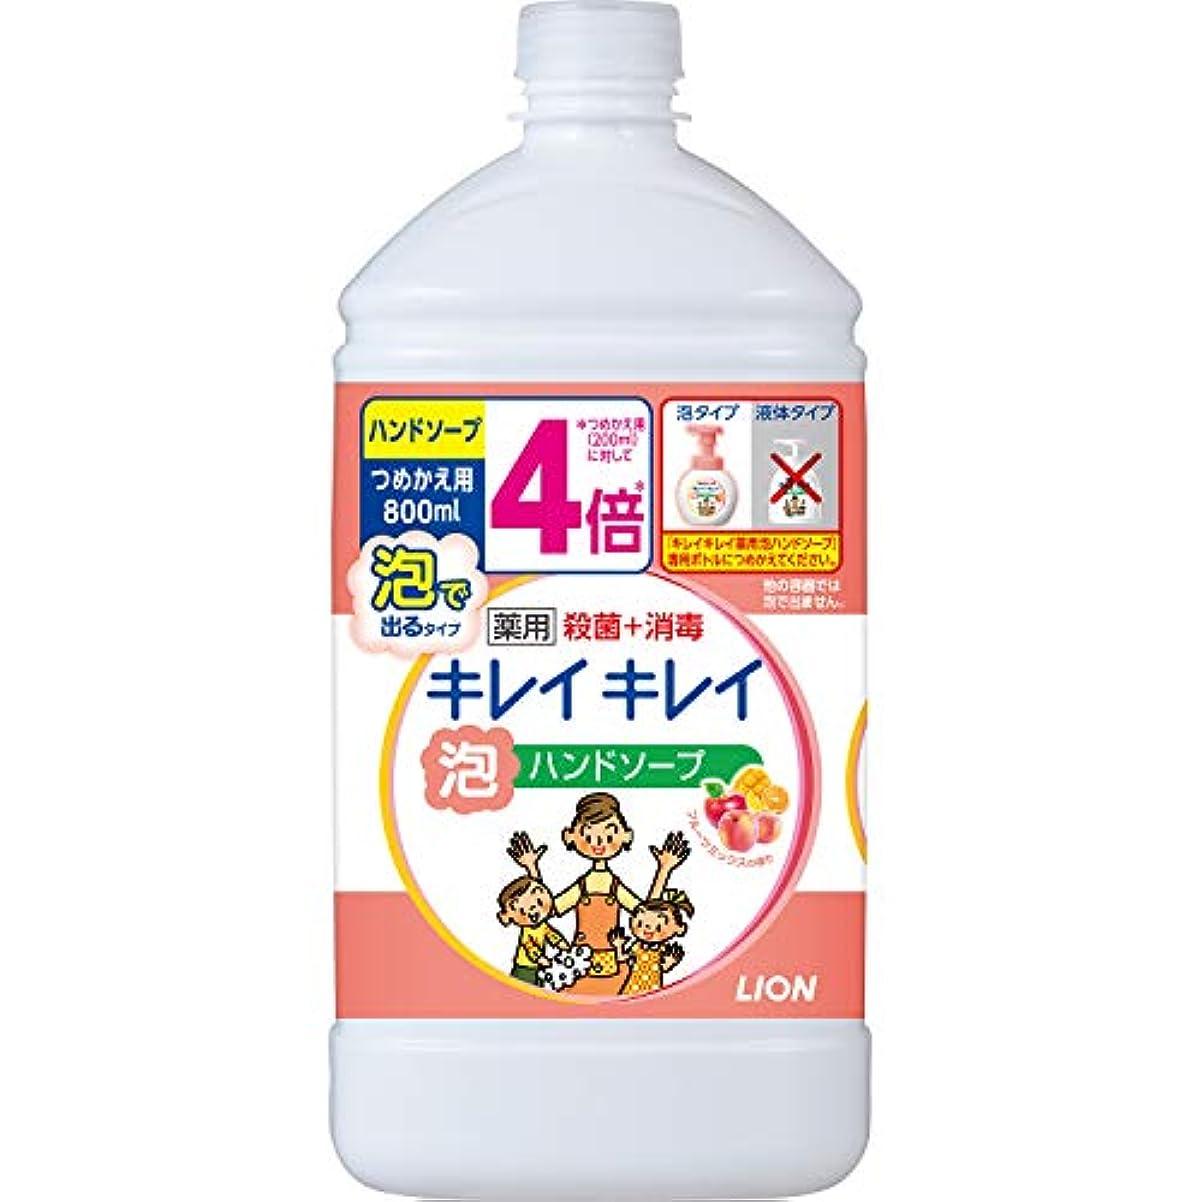 失速提供された育成(医薬部外品)【大容量】キレイキレイ 薬用 泡ハンドソープ フルーツミックスの香り 詰替特大 800ml